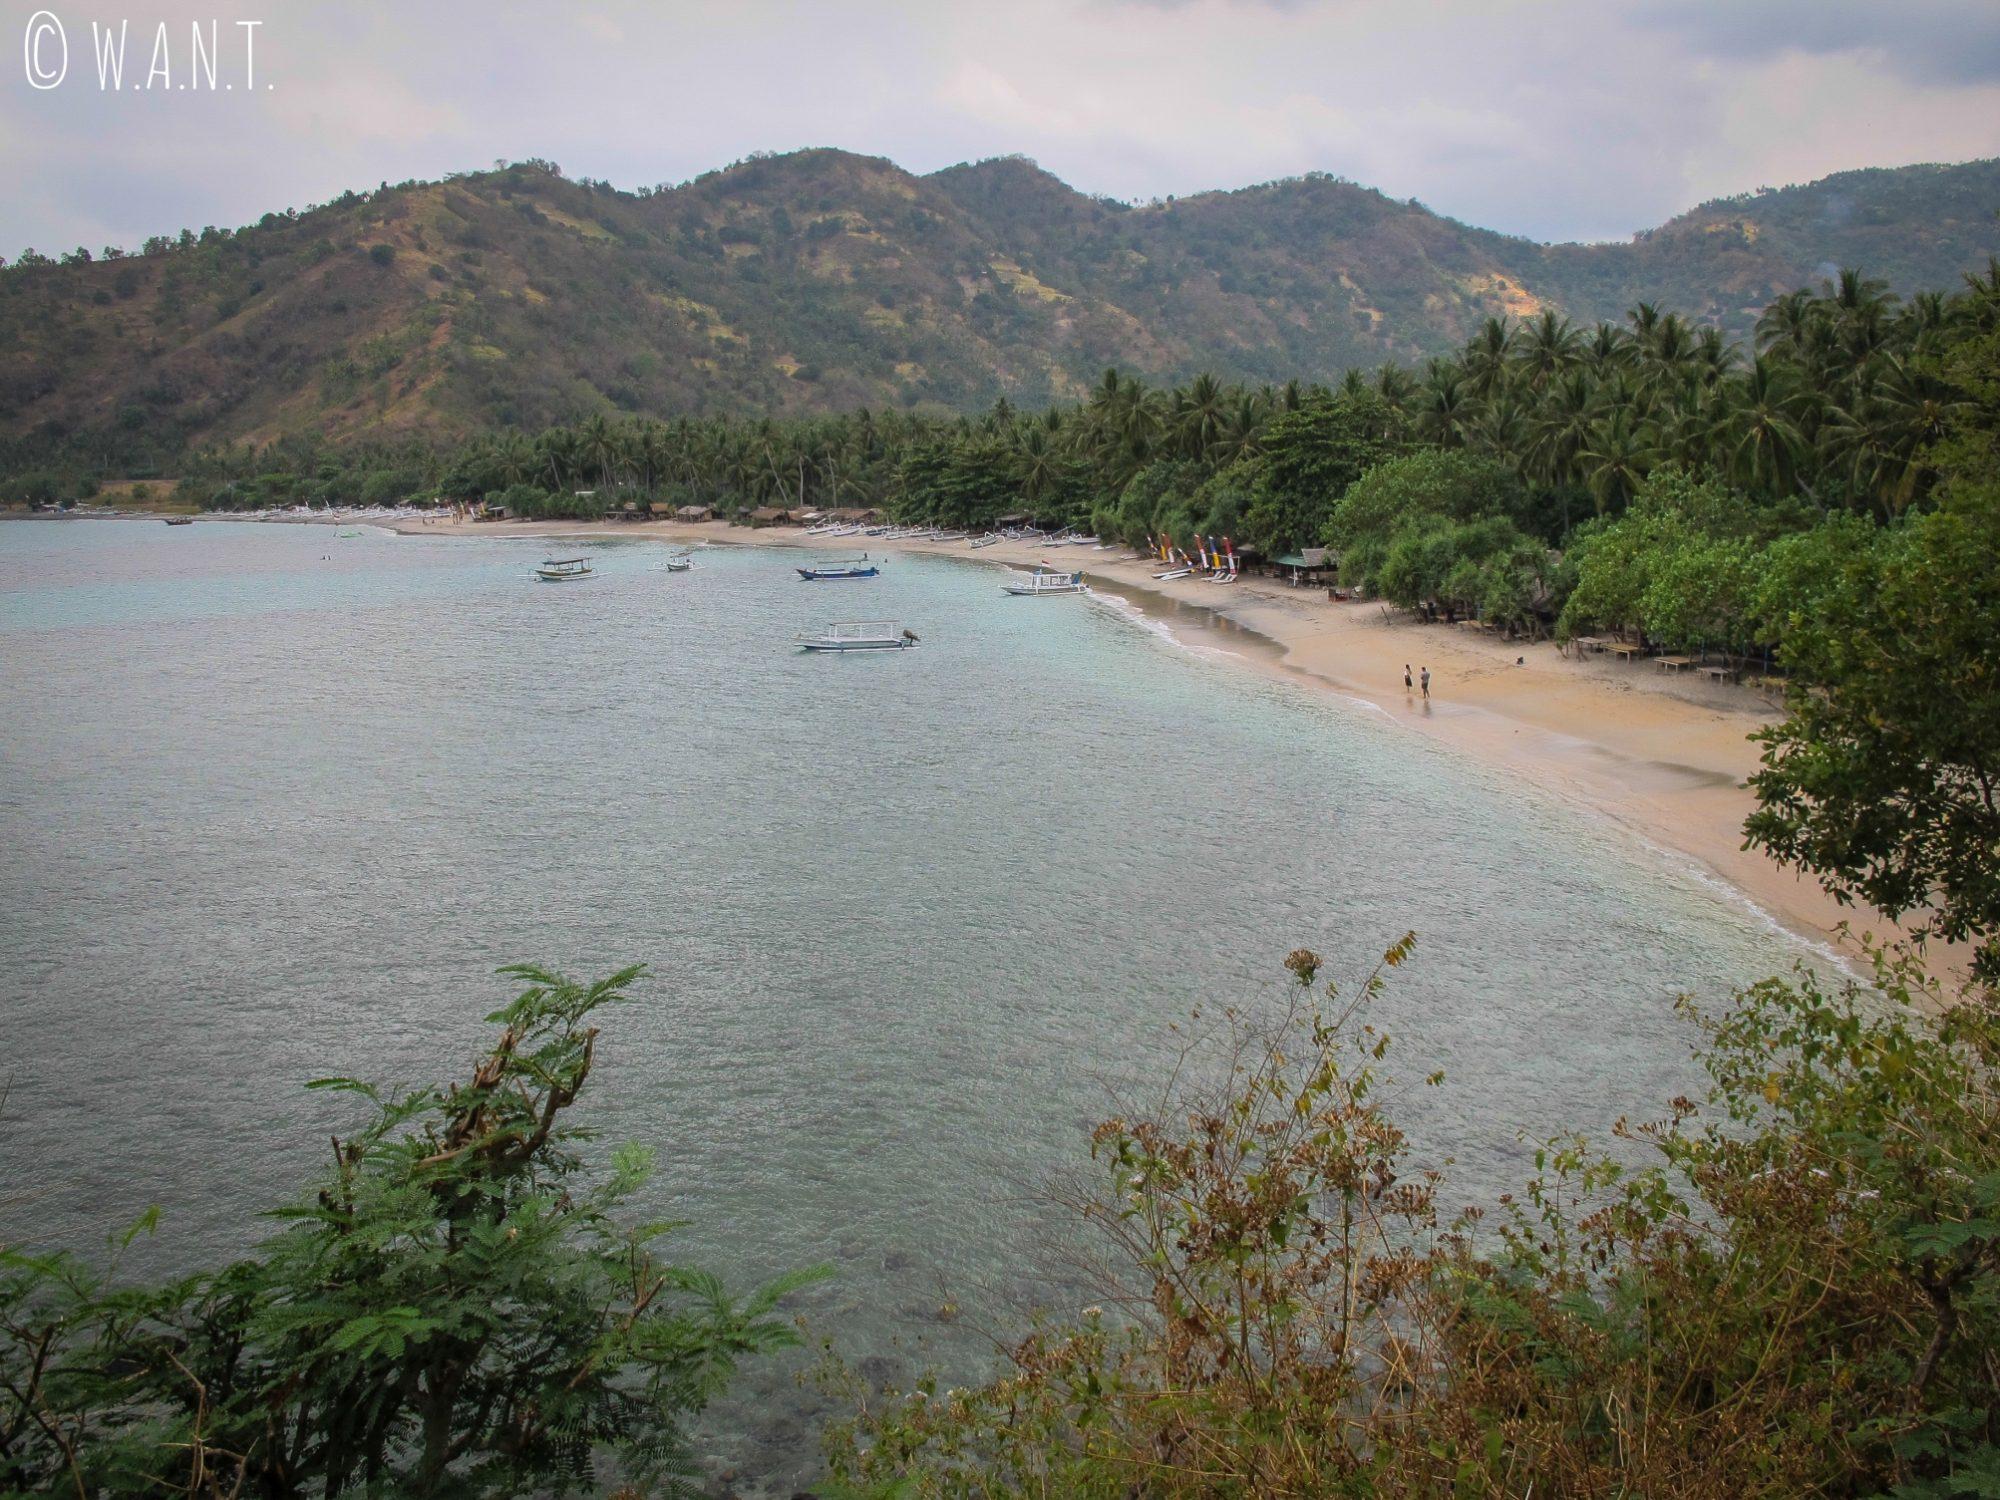 Vue sur la plage de plage de Pandanan au nord de Senggigi à Lombok